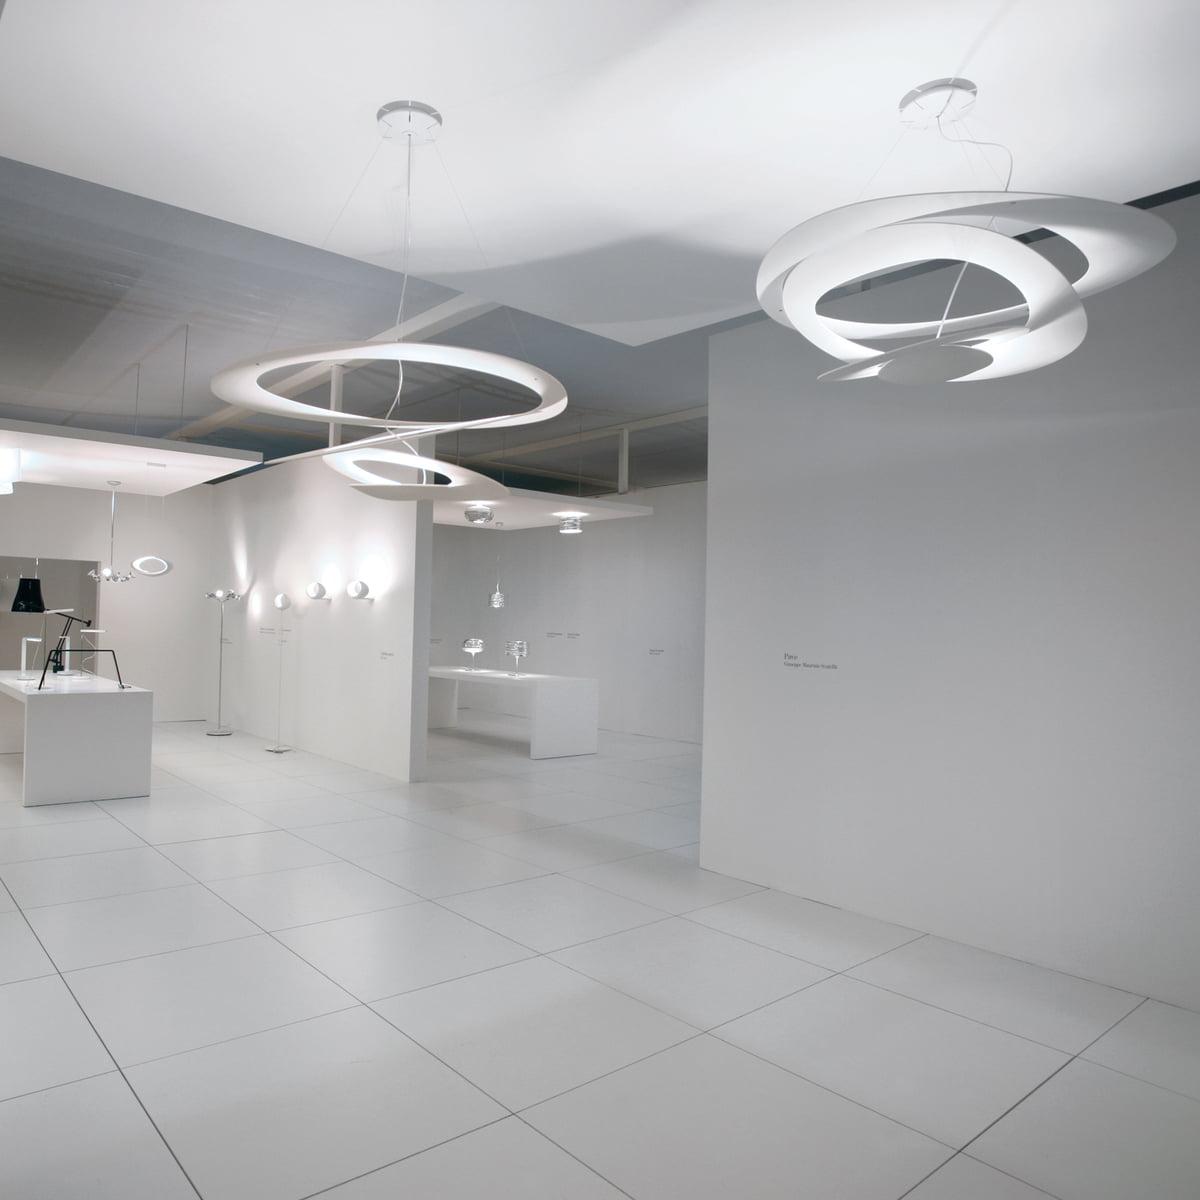 pirce sospensione halo  artemide  shop - artemide pirce pendant lamp